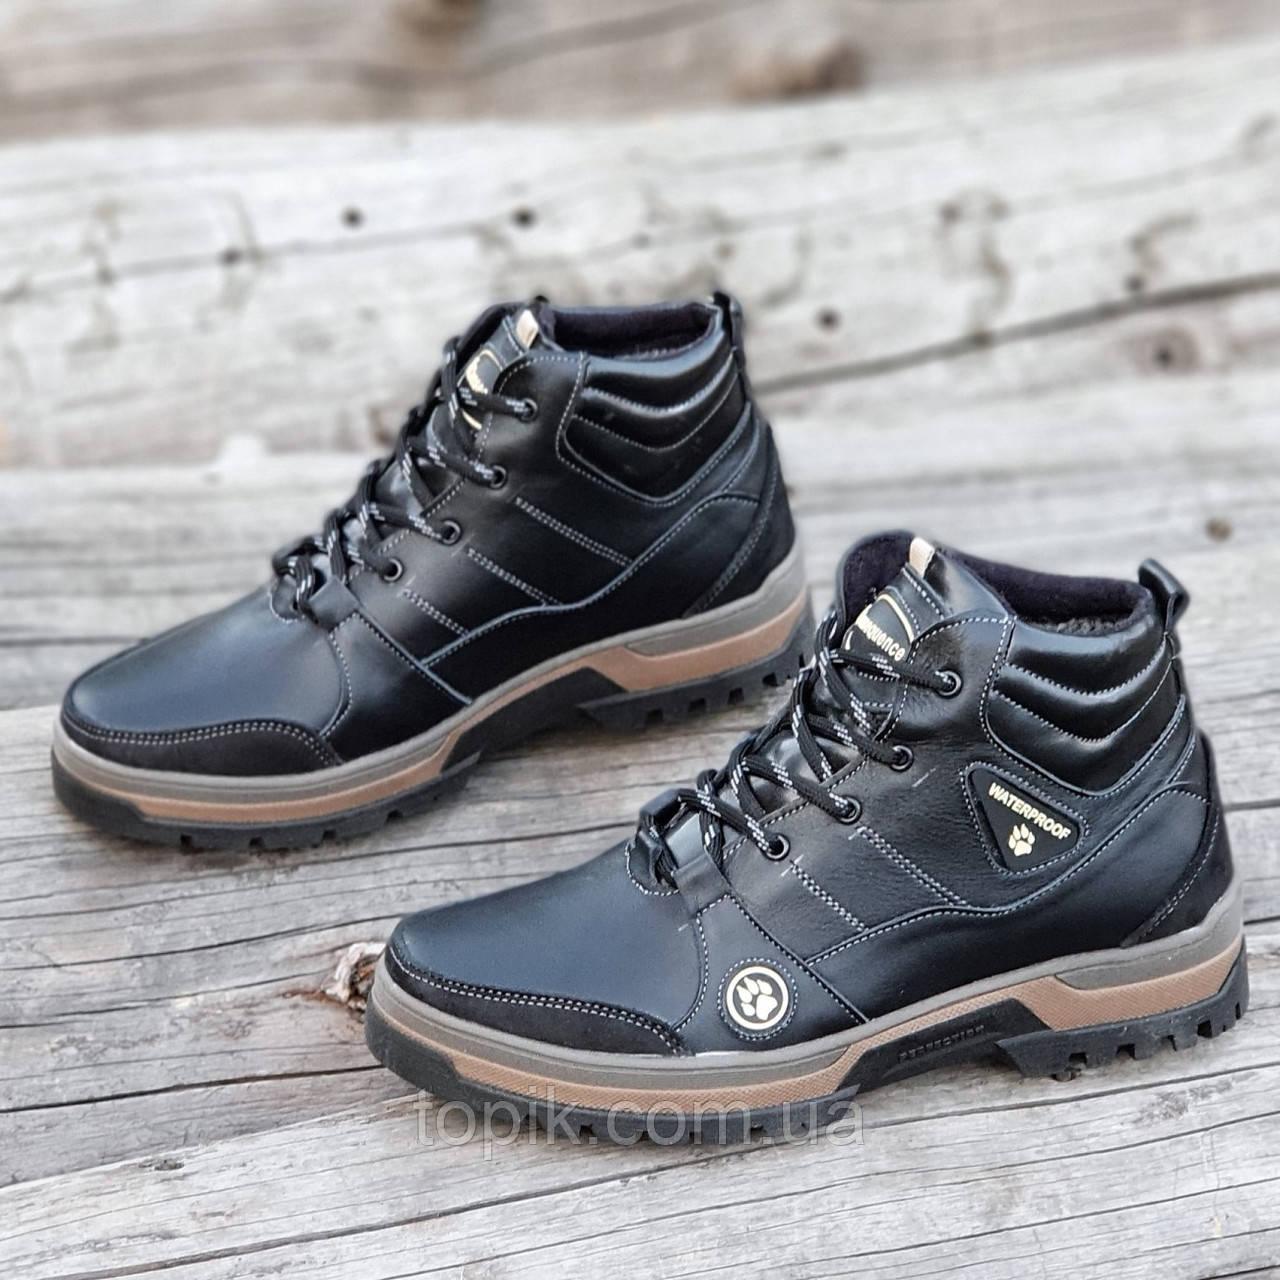 Стильные зимние мужские спортивные ботинки кожаные черные мех на толстой зимней подошве (Код: 1290a)